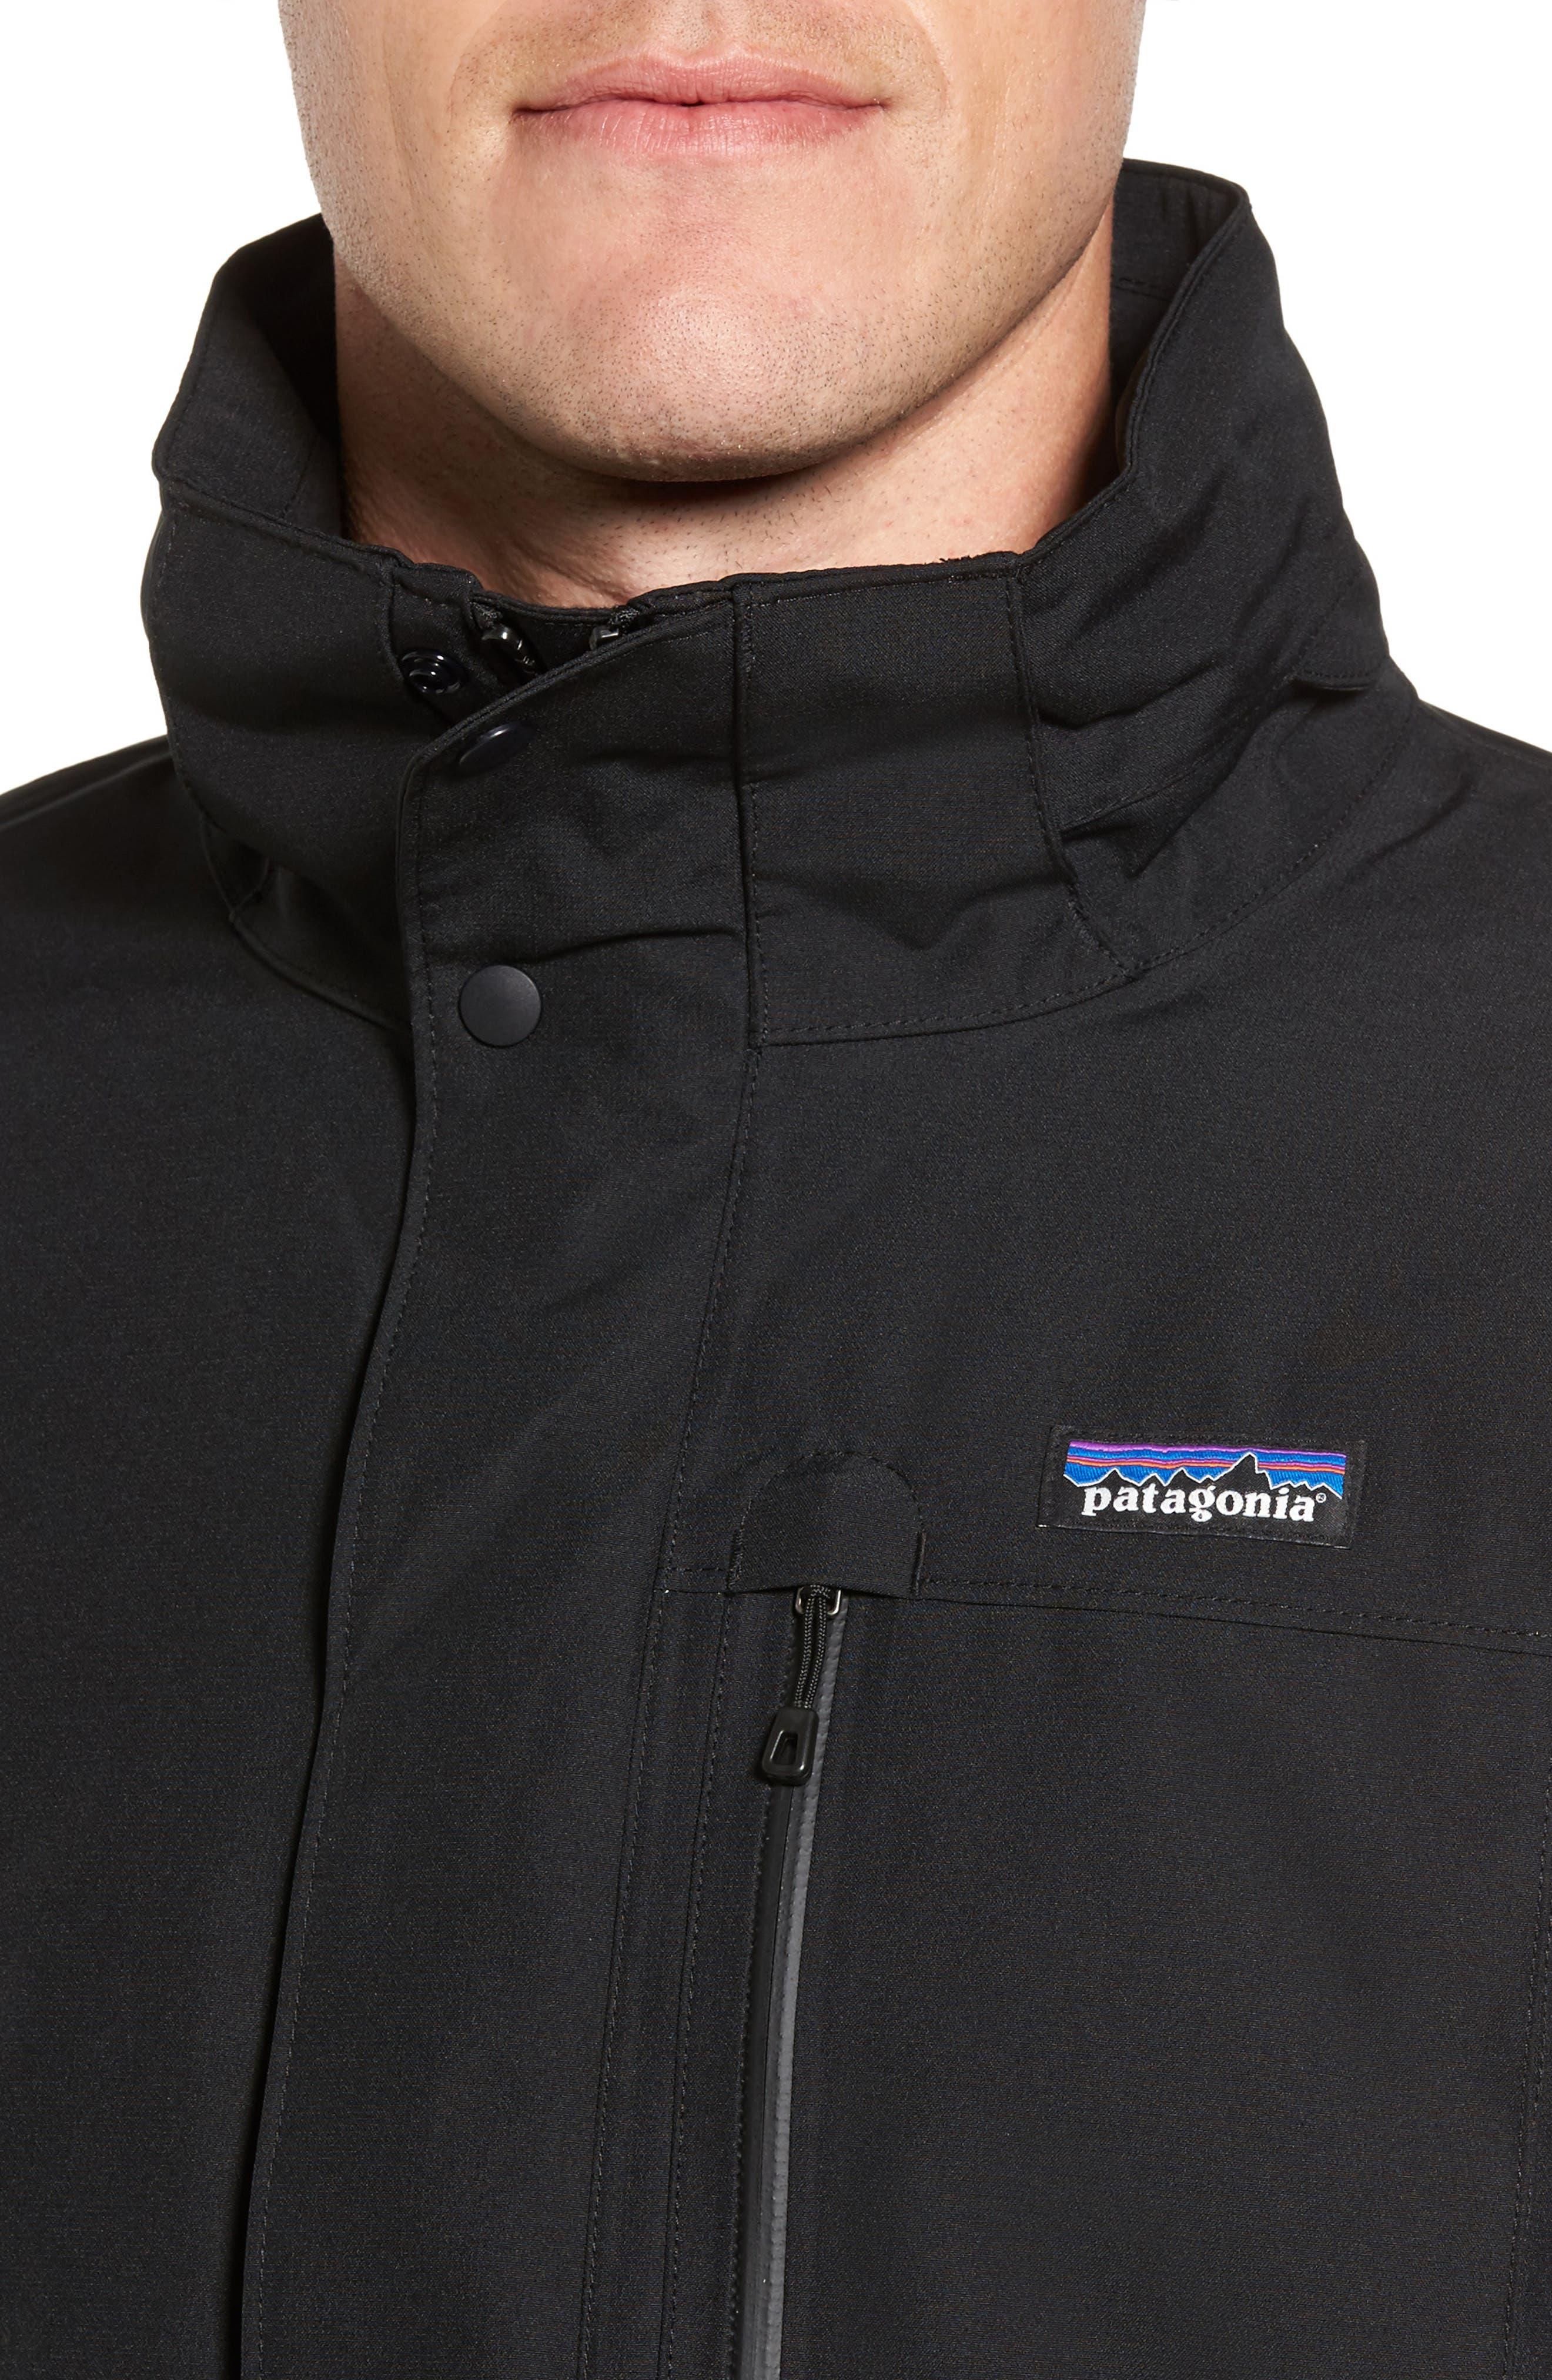 Topley Waterproof Down Jacket,                             Alternate thumbnail 4, color,                             001